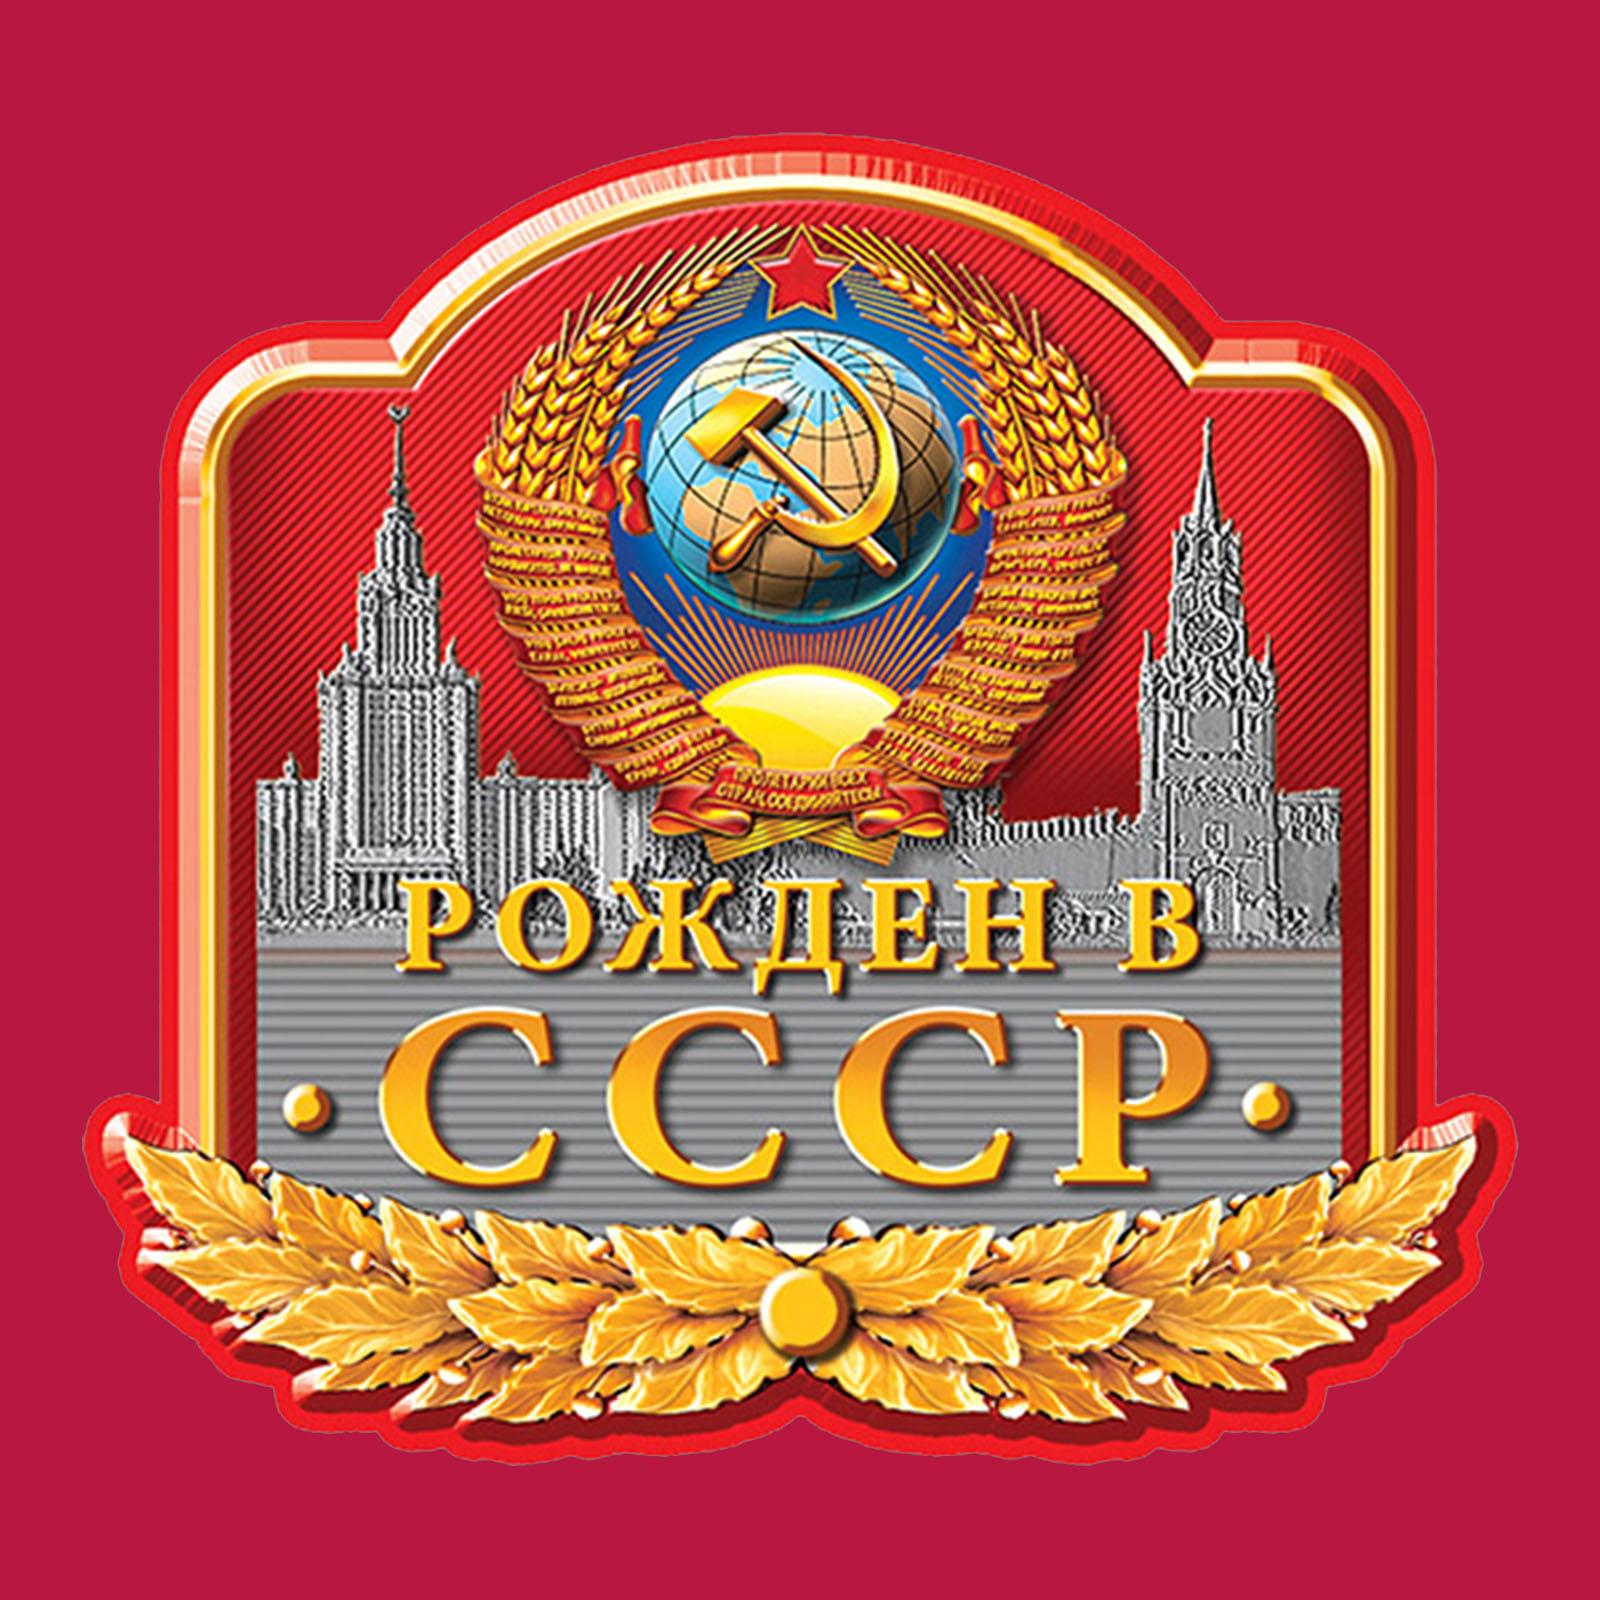 Купить надежную красную кепку с термотрансфером Рожден в СССР оптом или в розницу